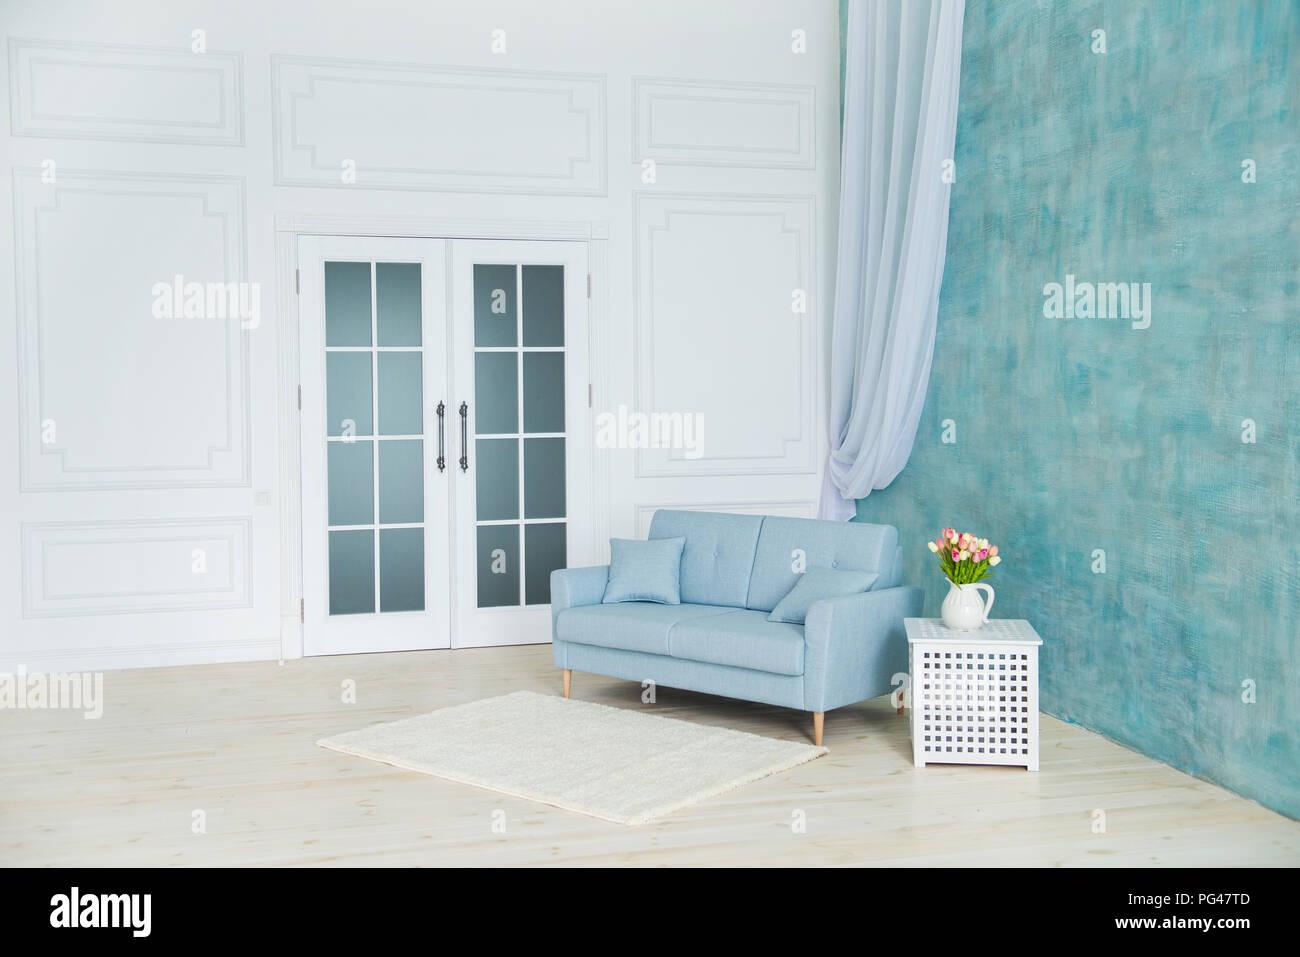 White Room Ist Ein Blaues Sofa Ein Podest Mit Blumen In Einer Vase